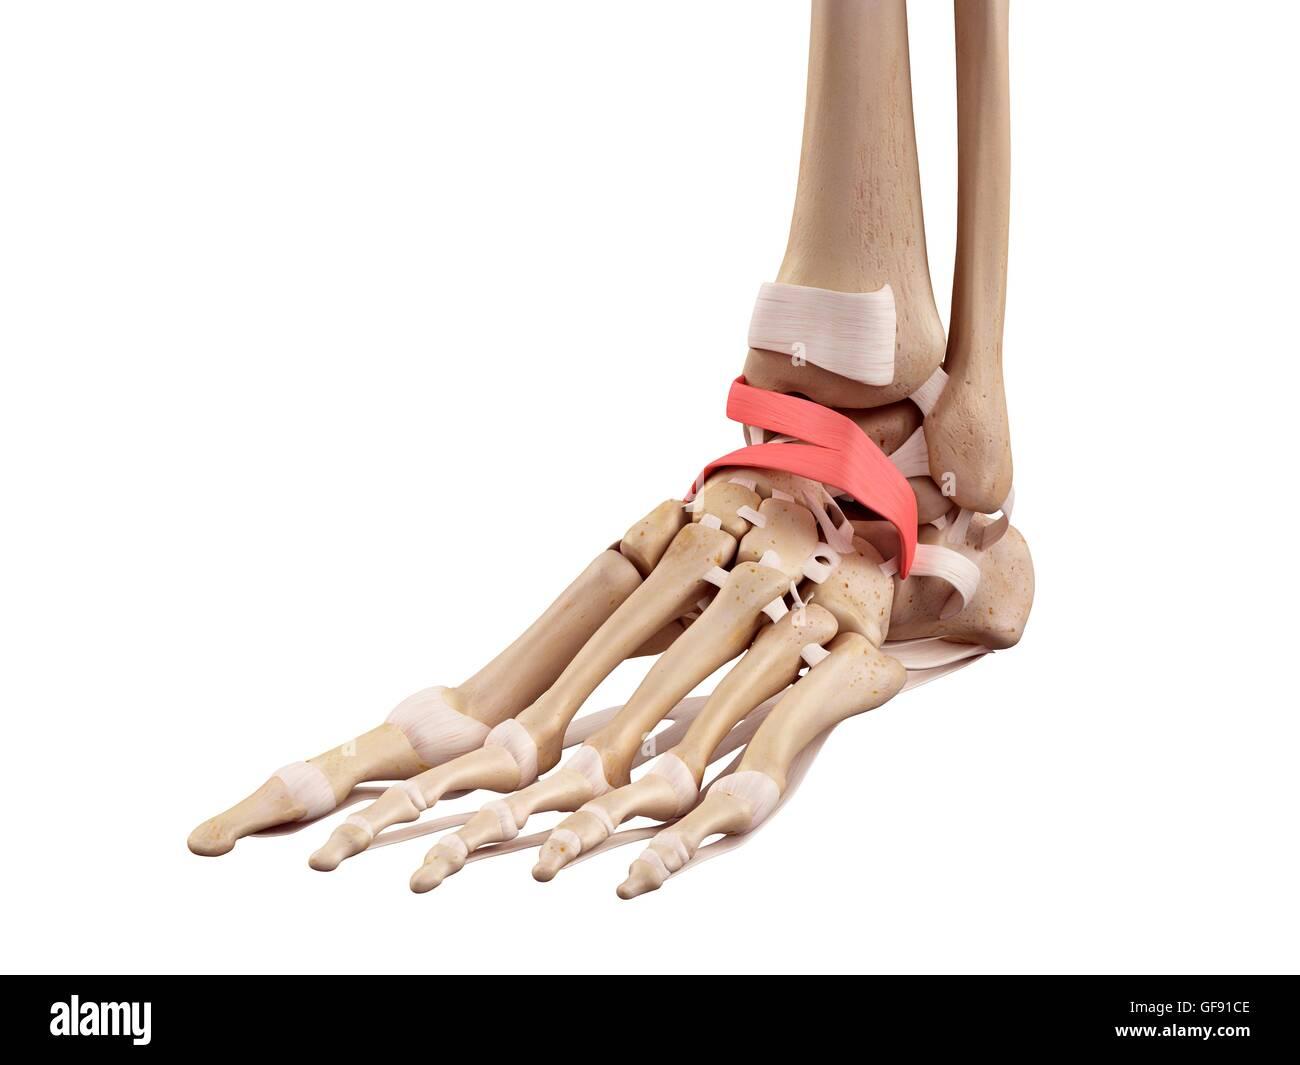 Anatomie des menschlichen Fußes, Abbildung Stockfoto, Bild ...